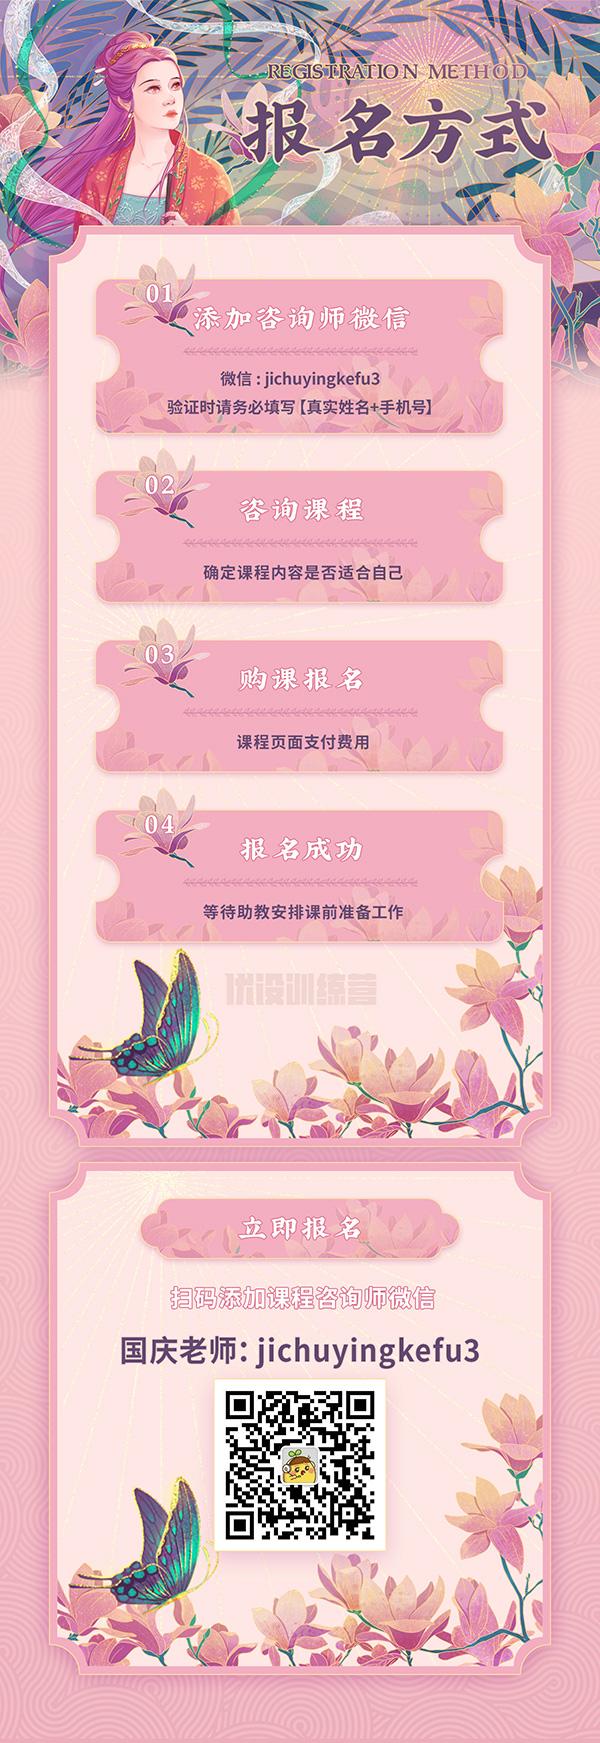 【优设手绘基础训练营 43 期】火热招生中!5月29日开课